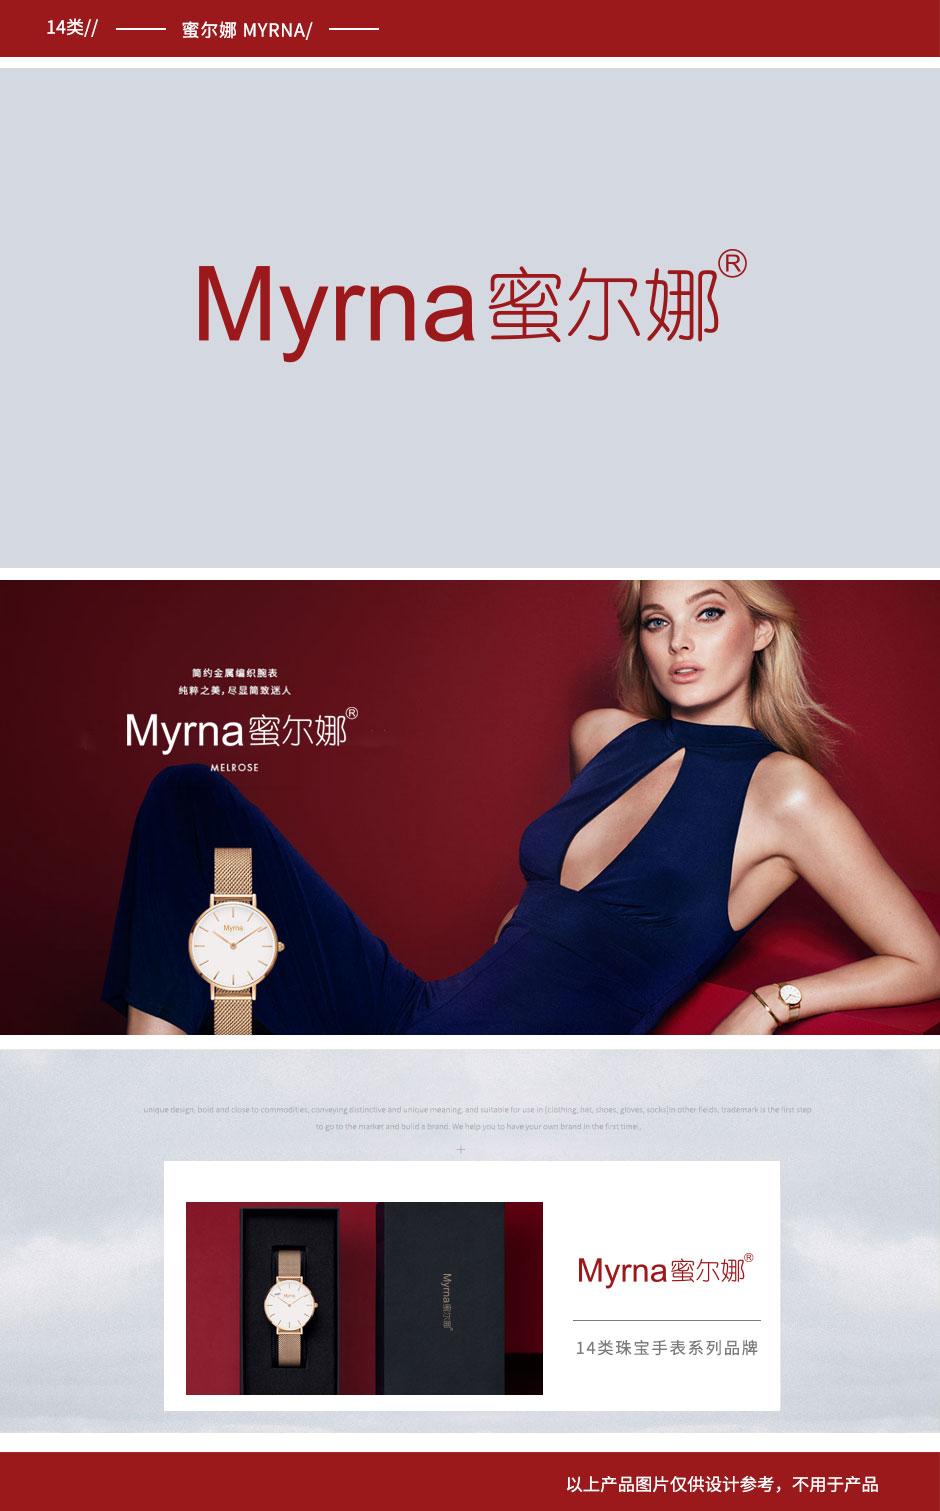 第14类-蜜尔娜 MYRNA